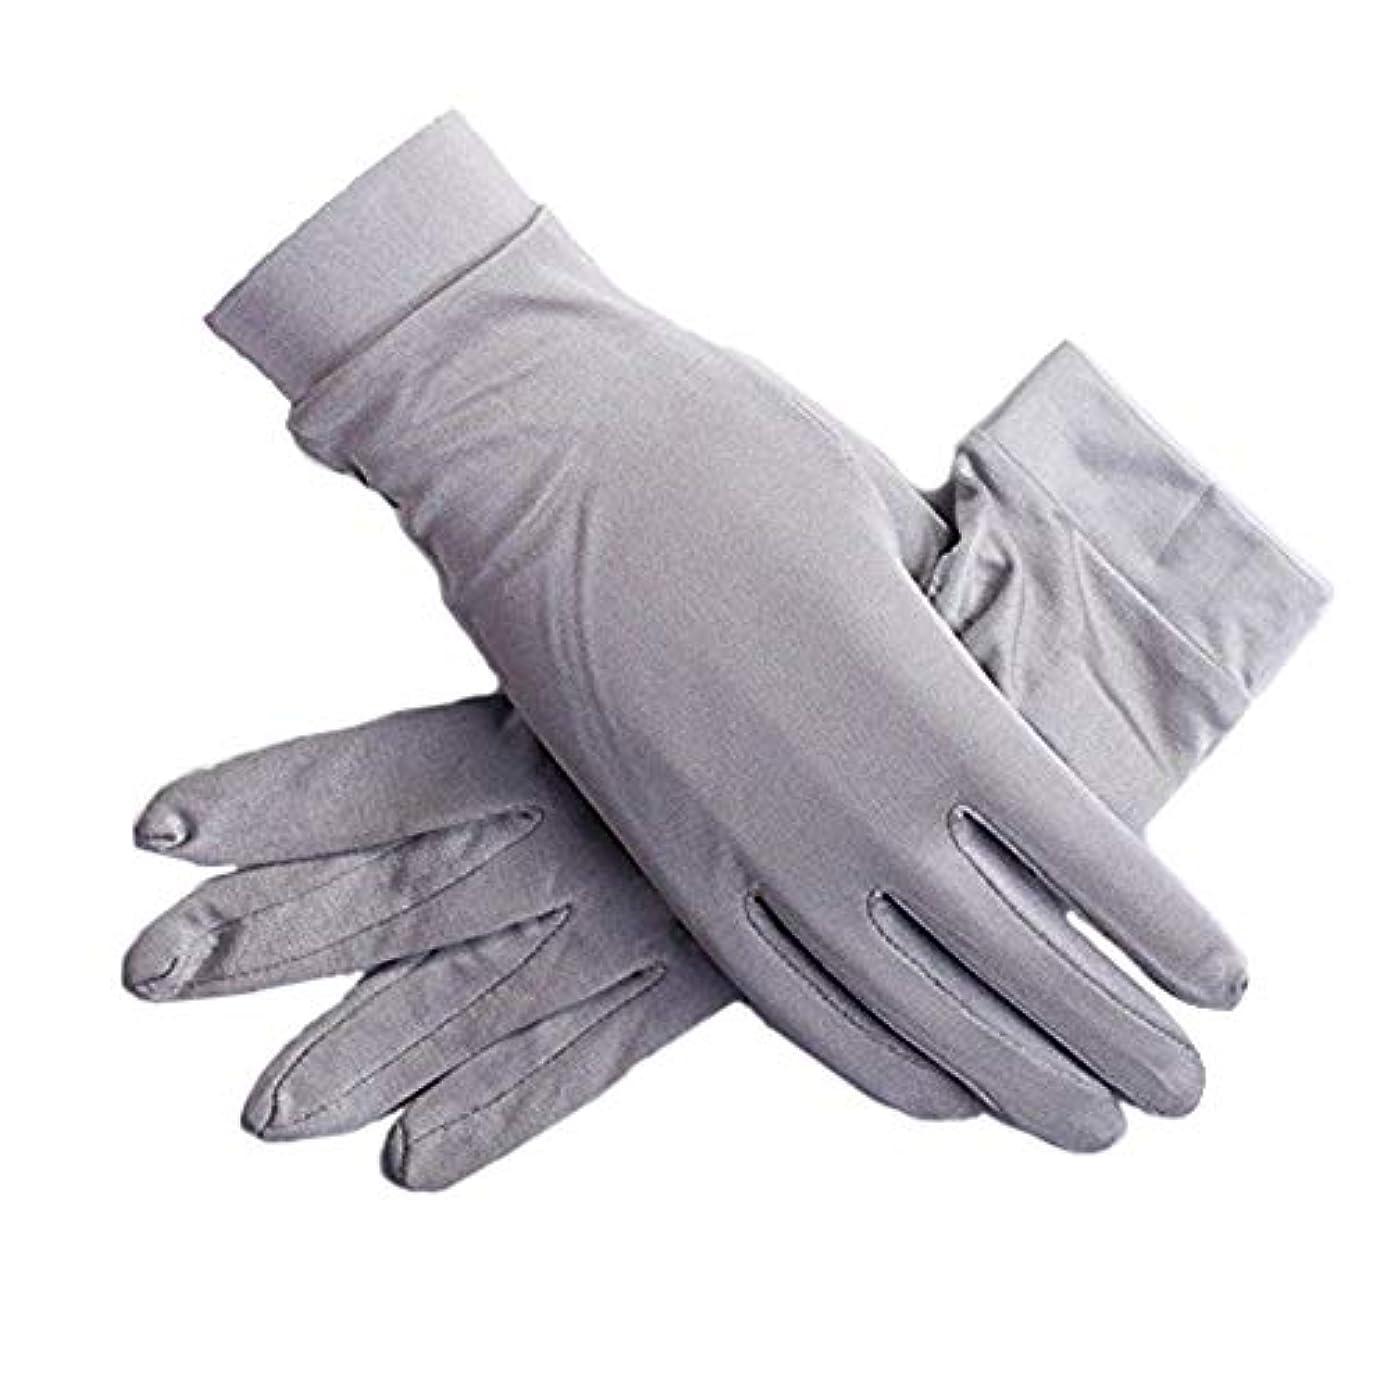 防衛高潔な肉腫メンズ シルク手袋 手袋 シルク おやすみ 手触り夏 ハンド ケア レディース日焼け防止 が良い 紫外線 保湿